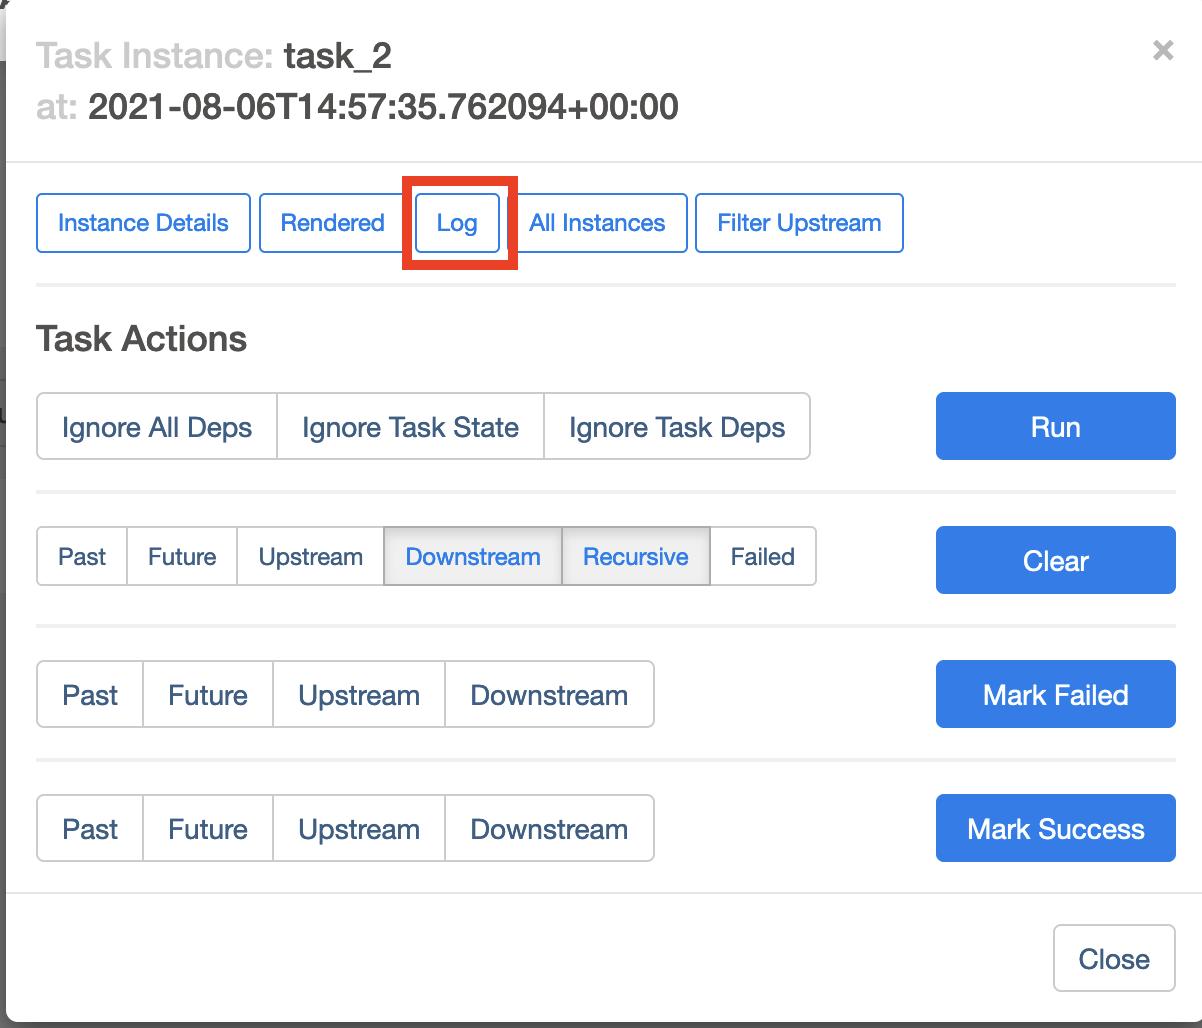 task_2 details